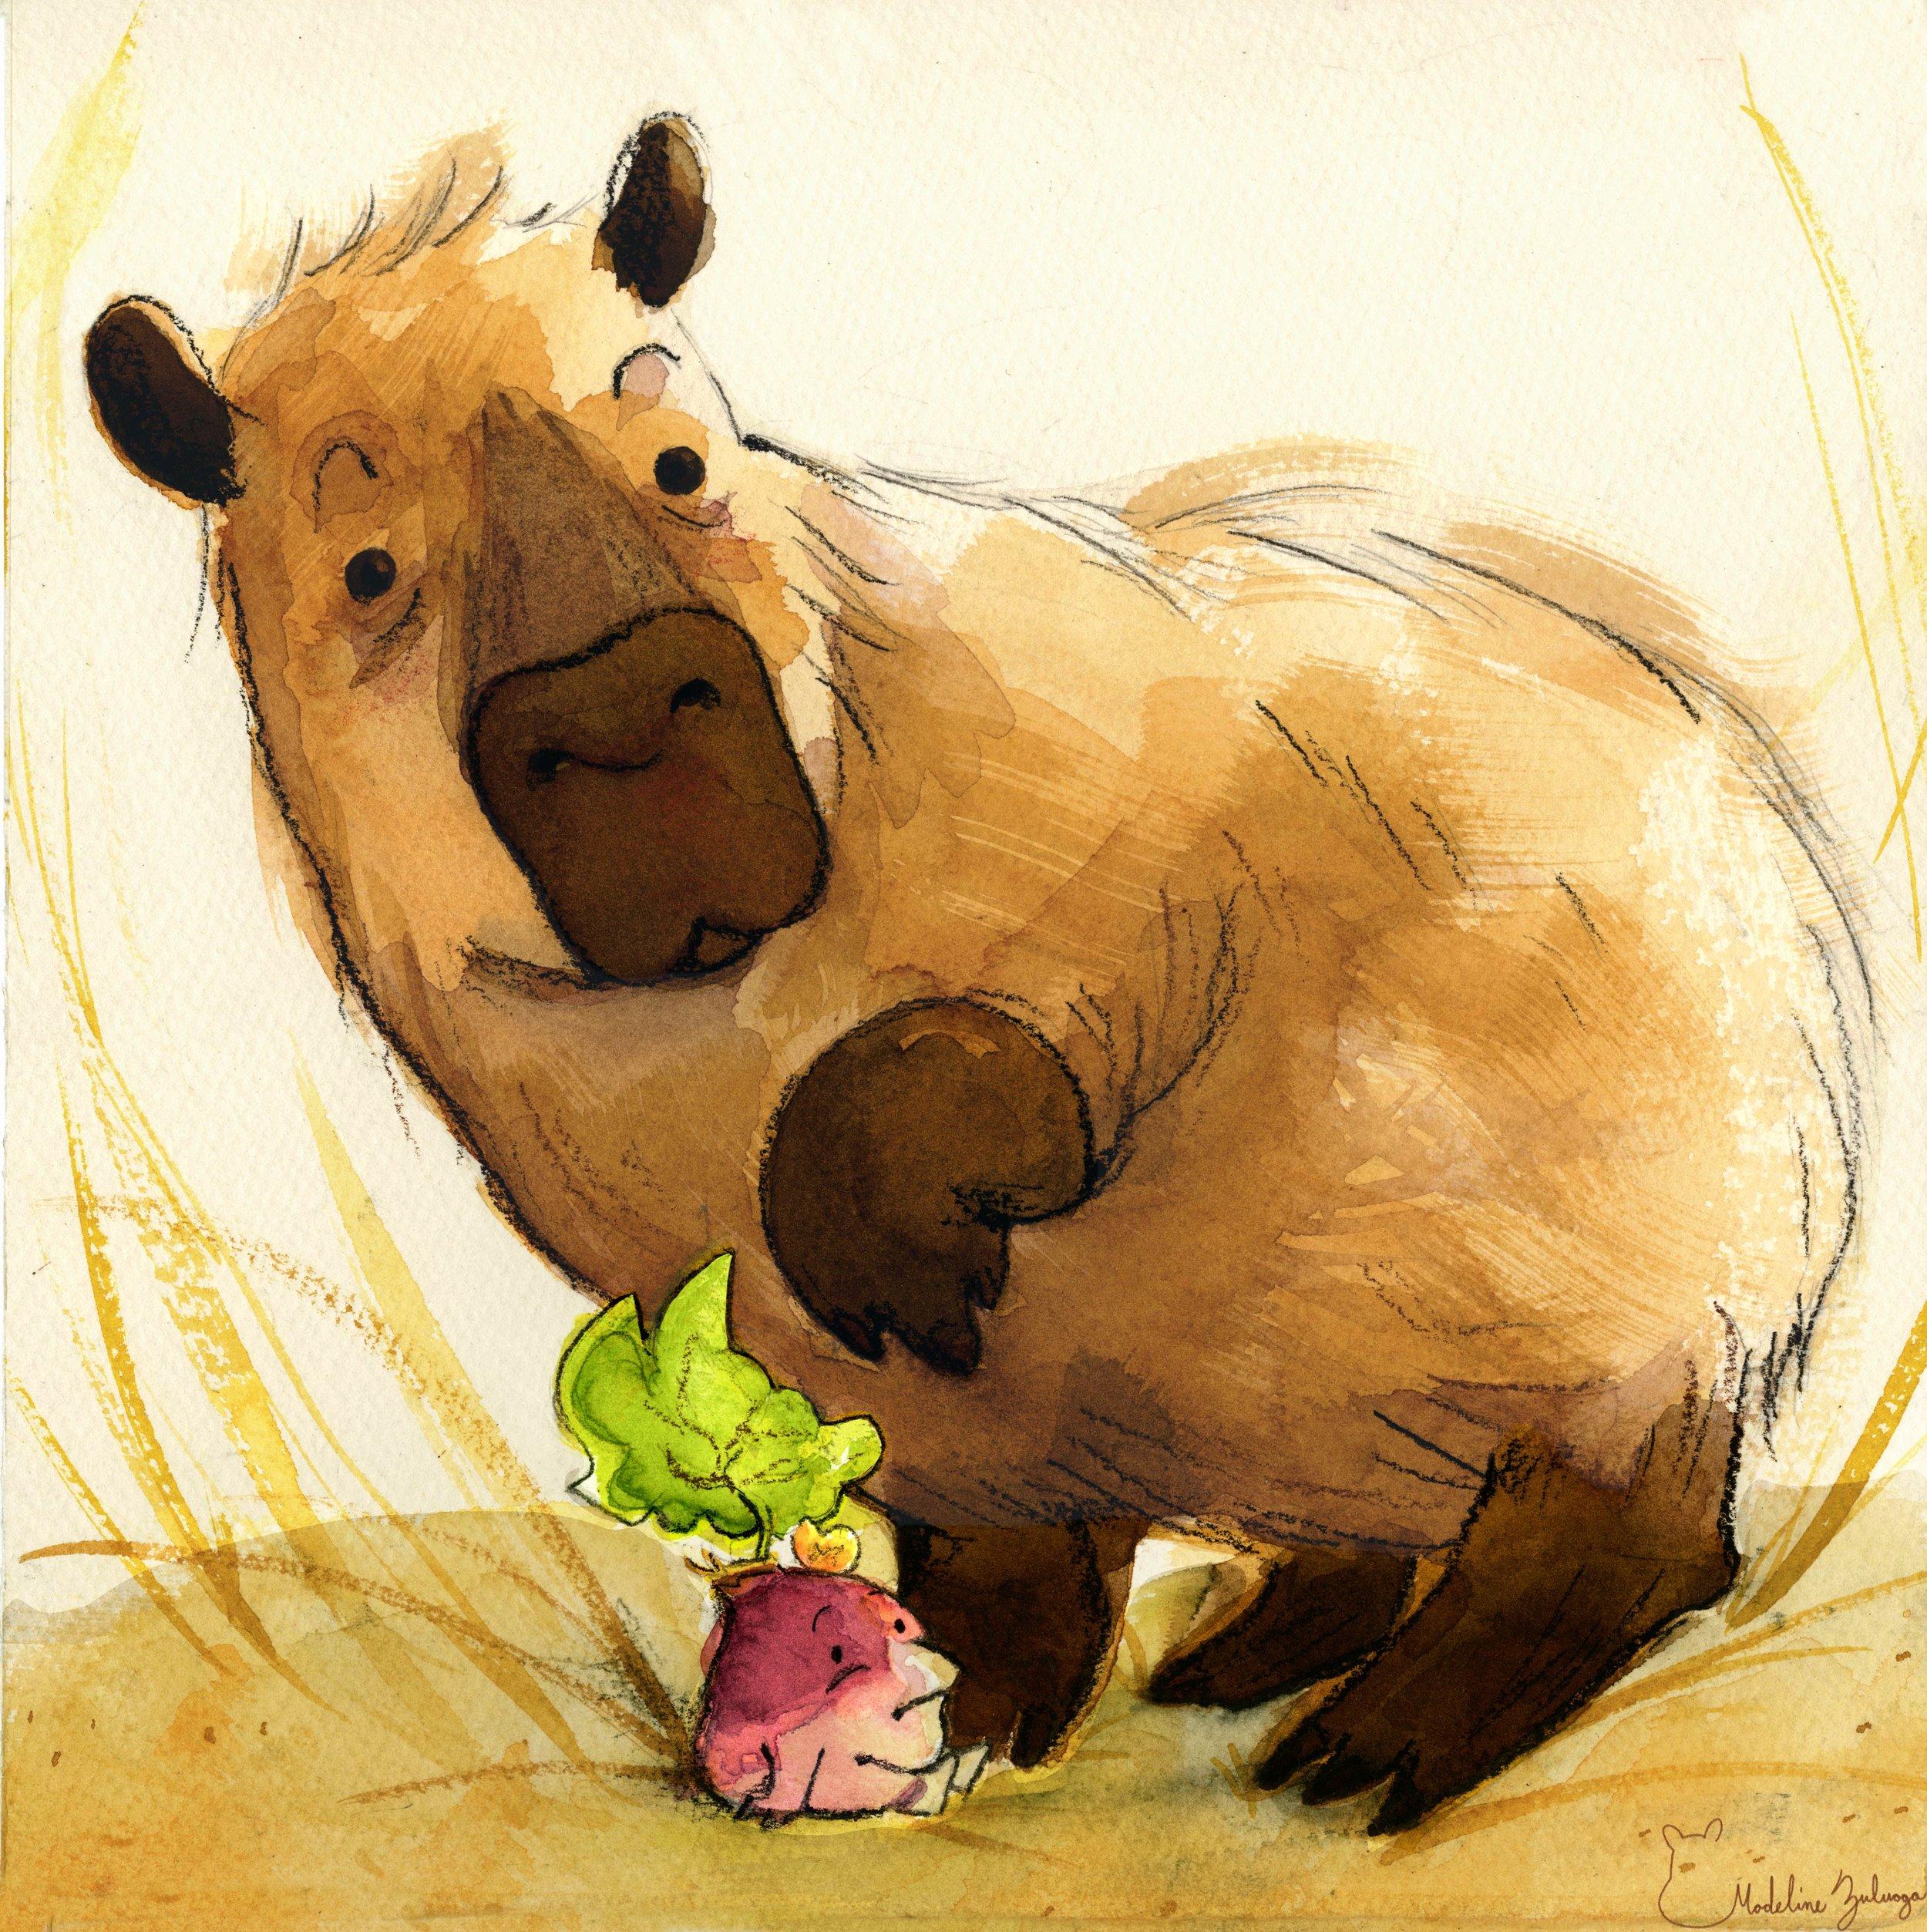 Madeline-zuluaga-capybara-and-turnip-2.jpg